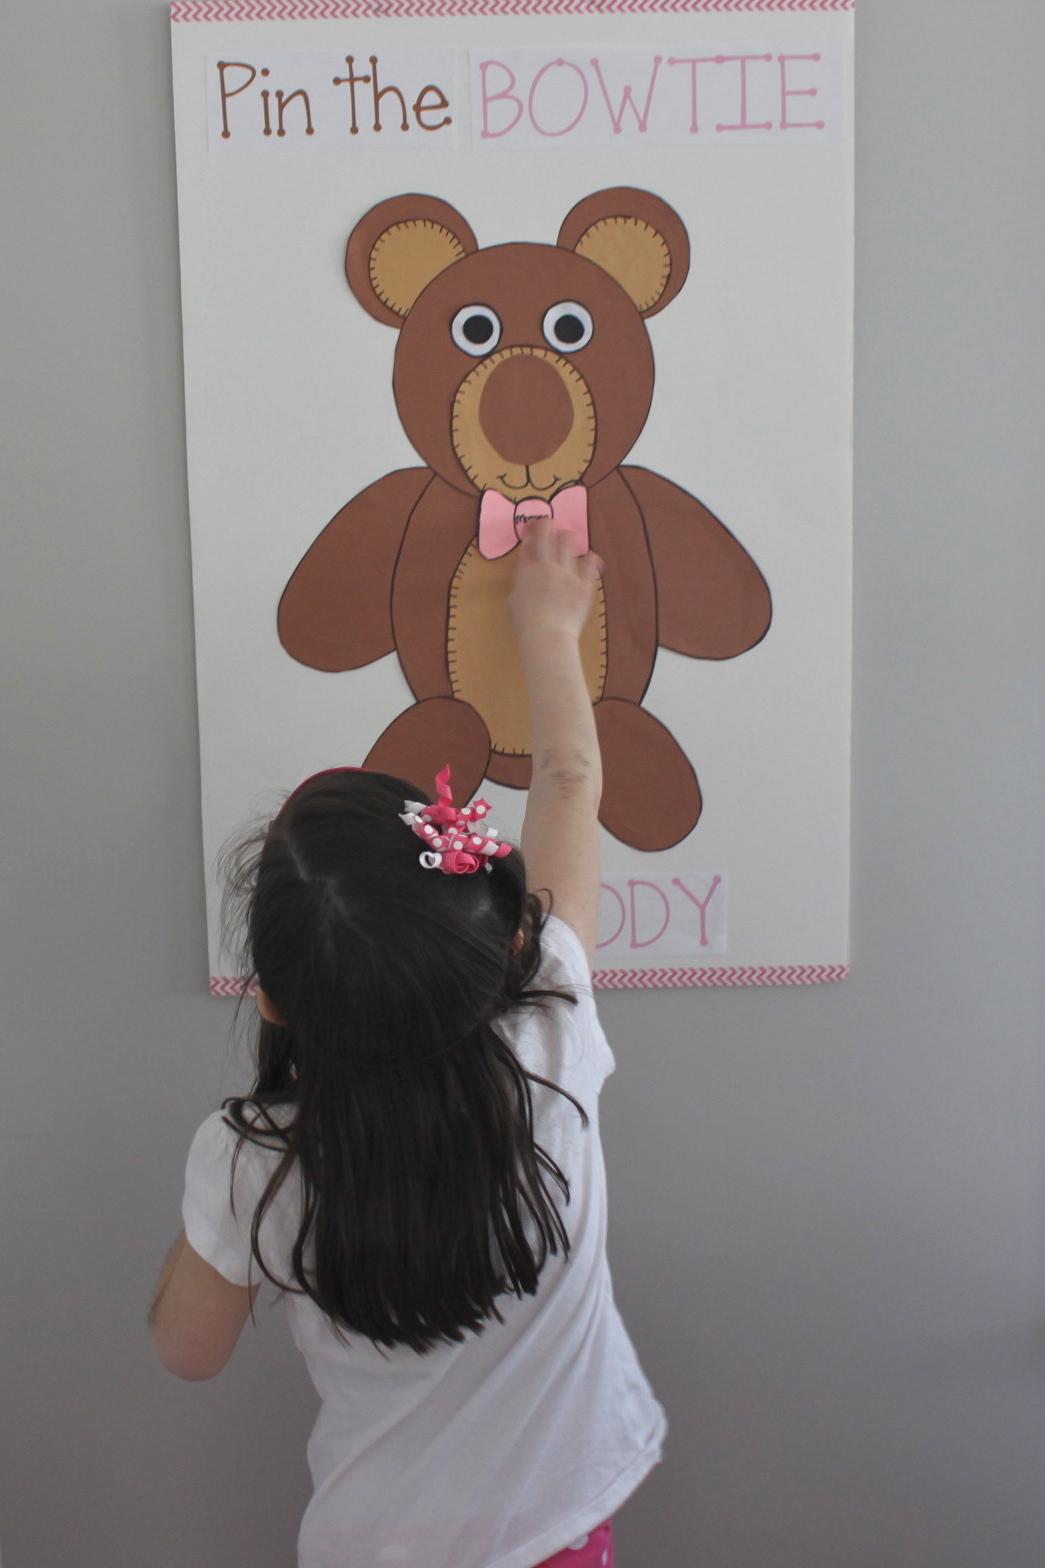 A Teddy Bears Picnic